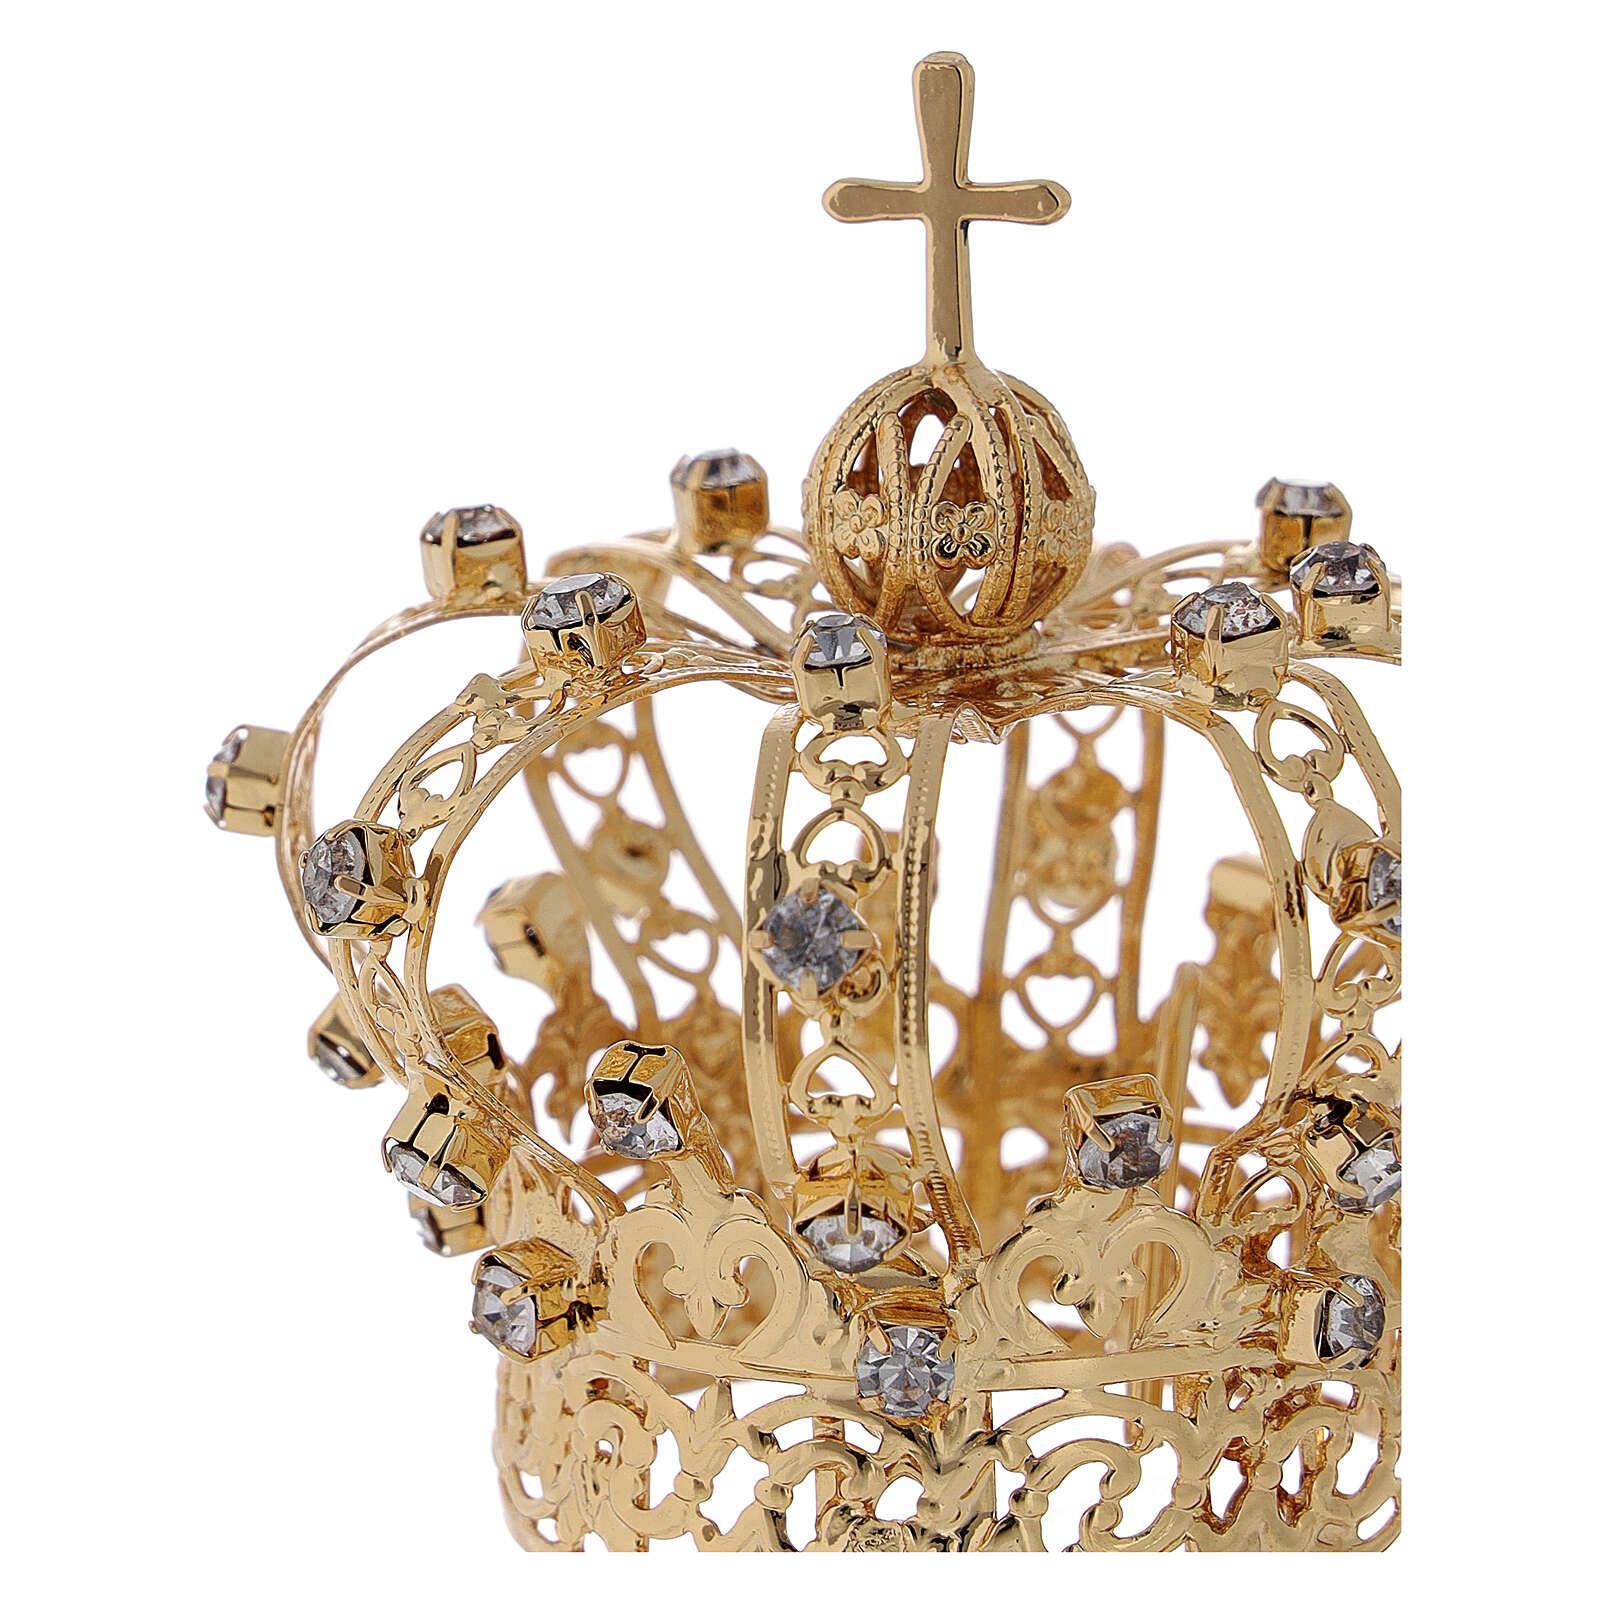 STOCK Corona Virgen cruz y gemas 4 cm 3